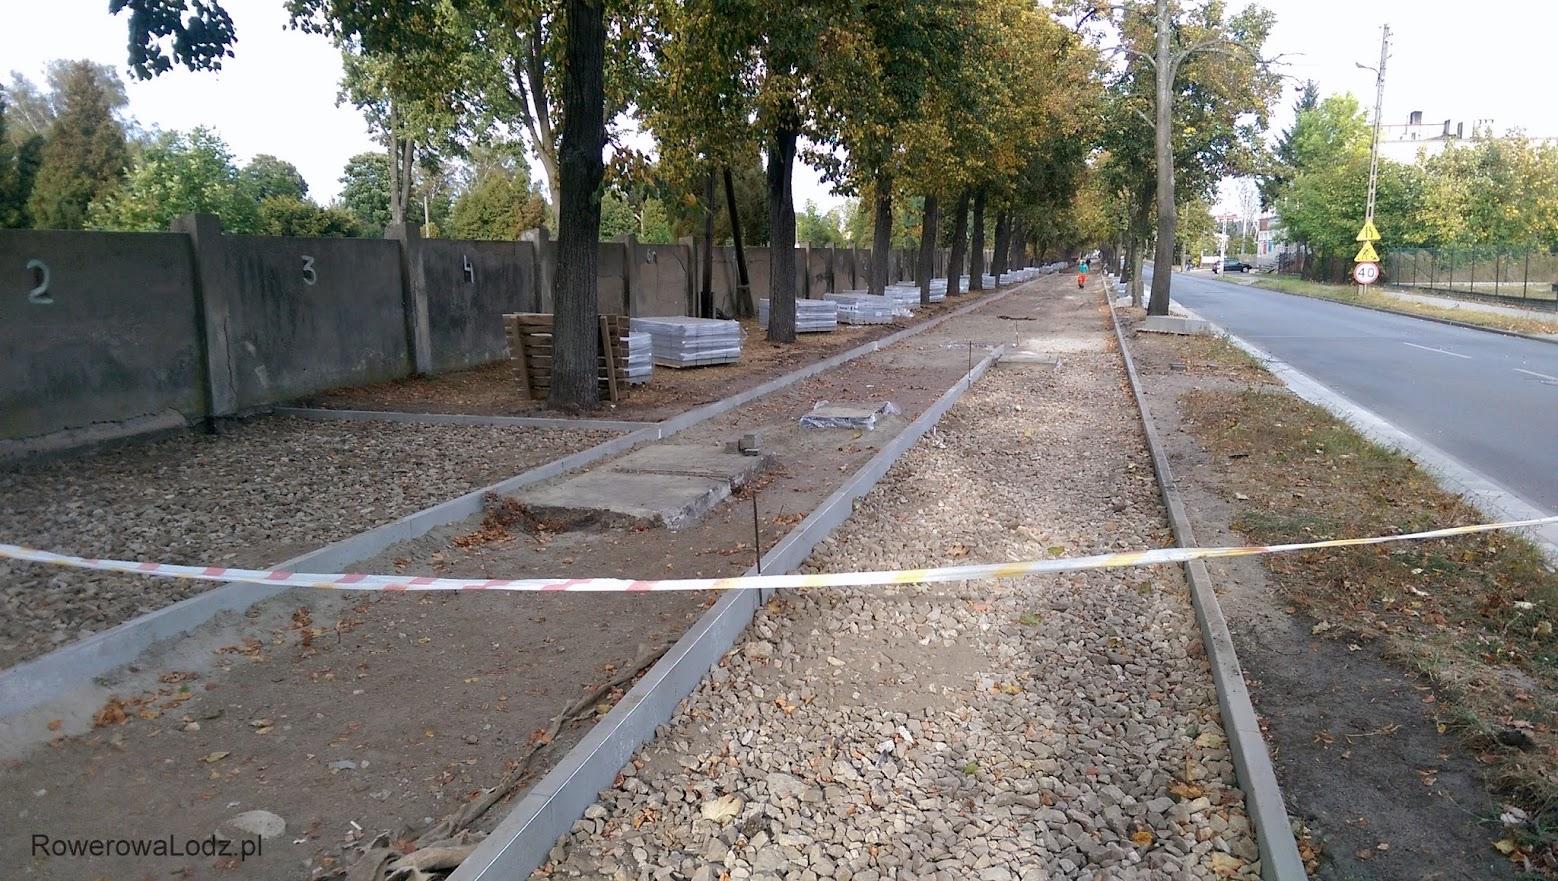 Tuż przed cmentarzem będzie ciąg pieszo-rowerowy, dalej już separowana DDR.